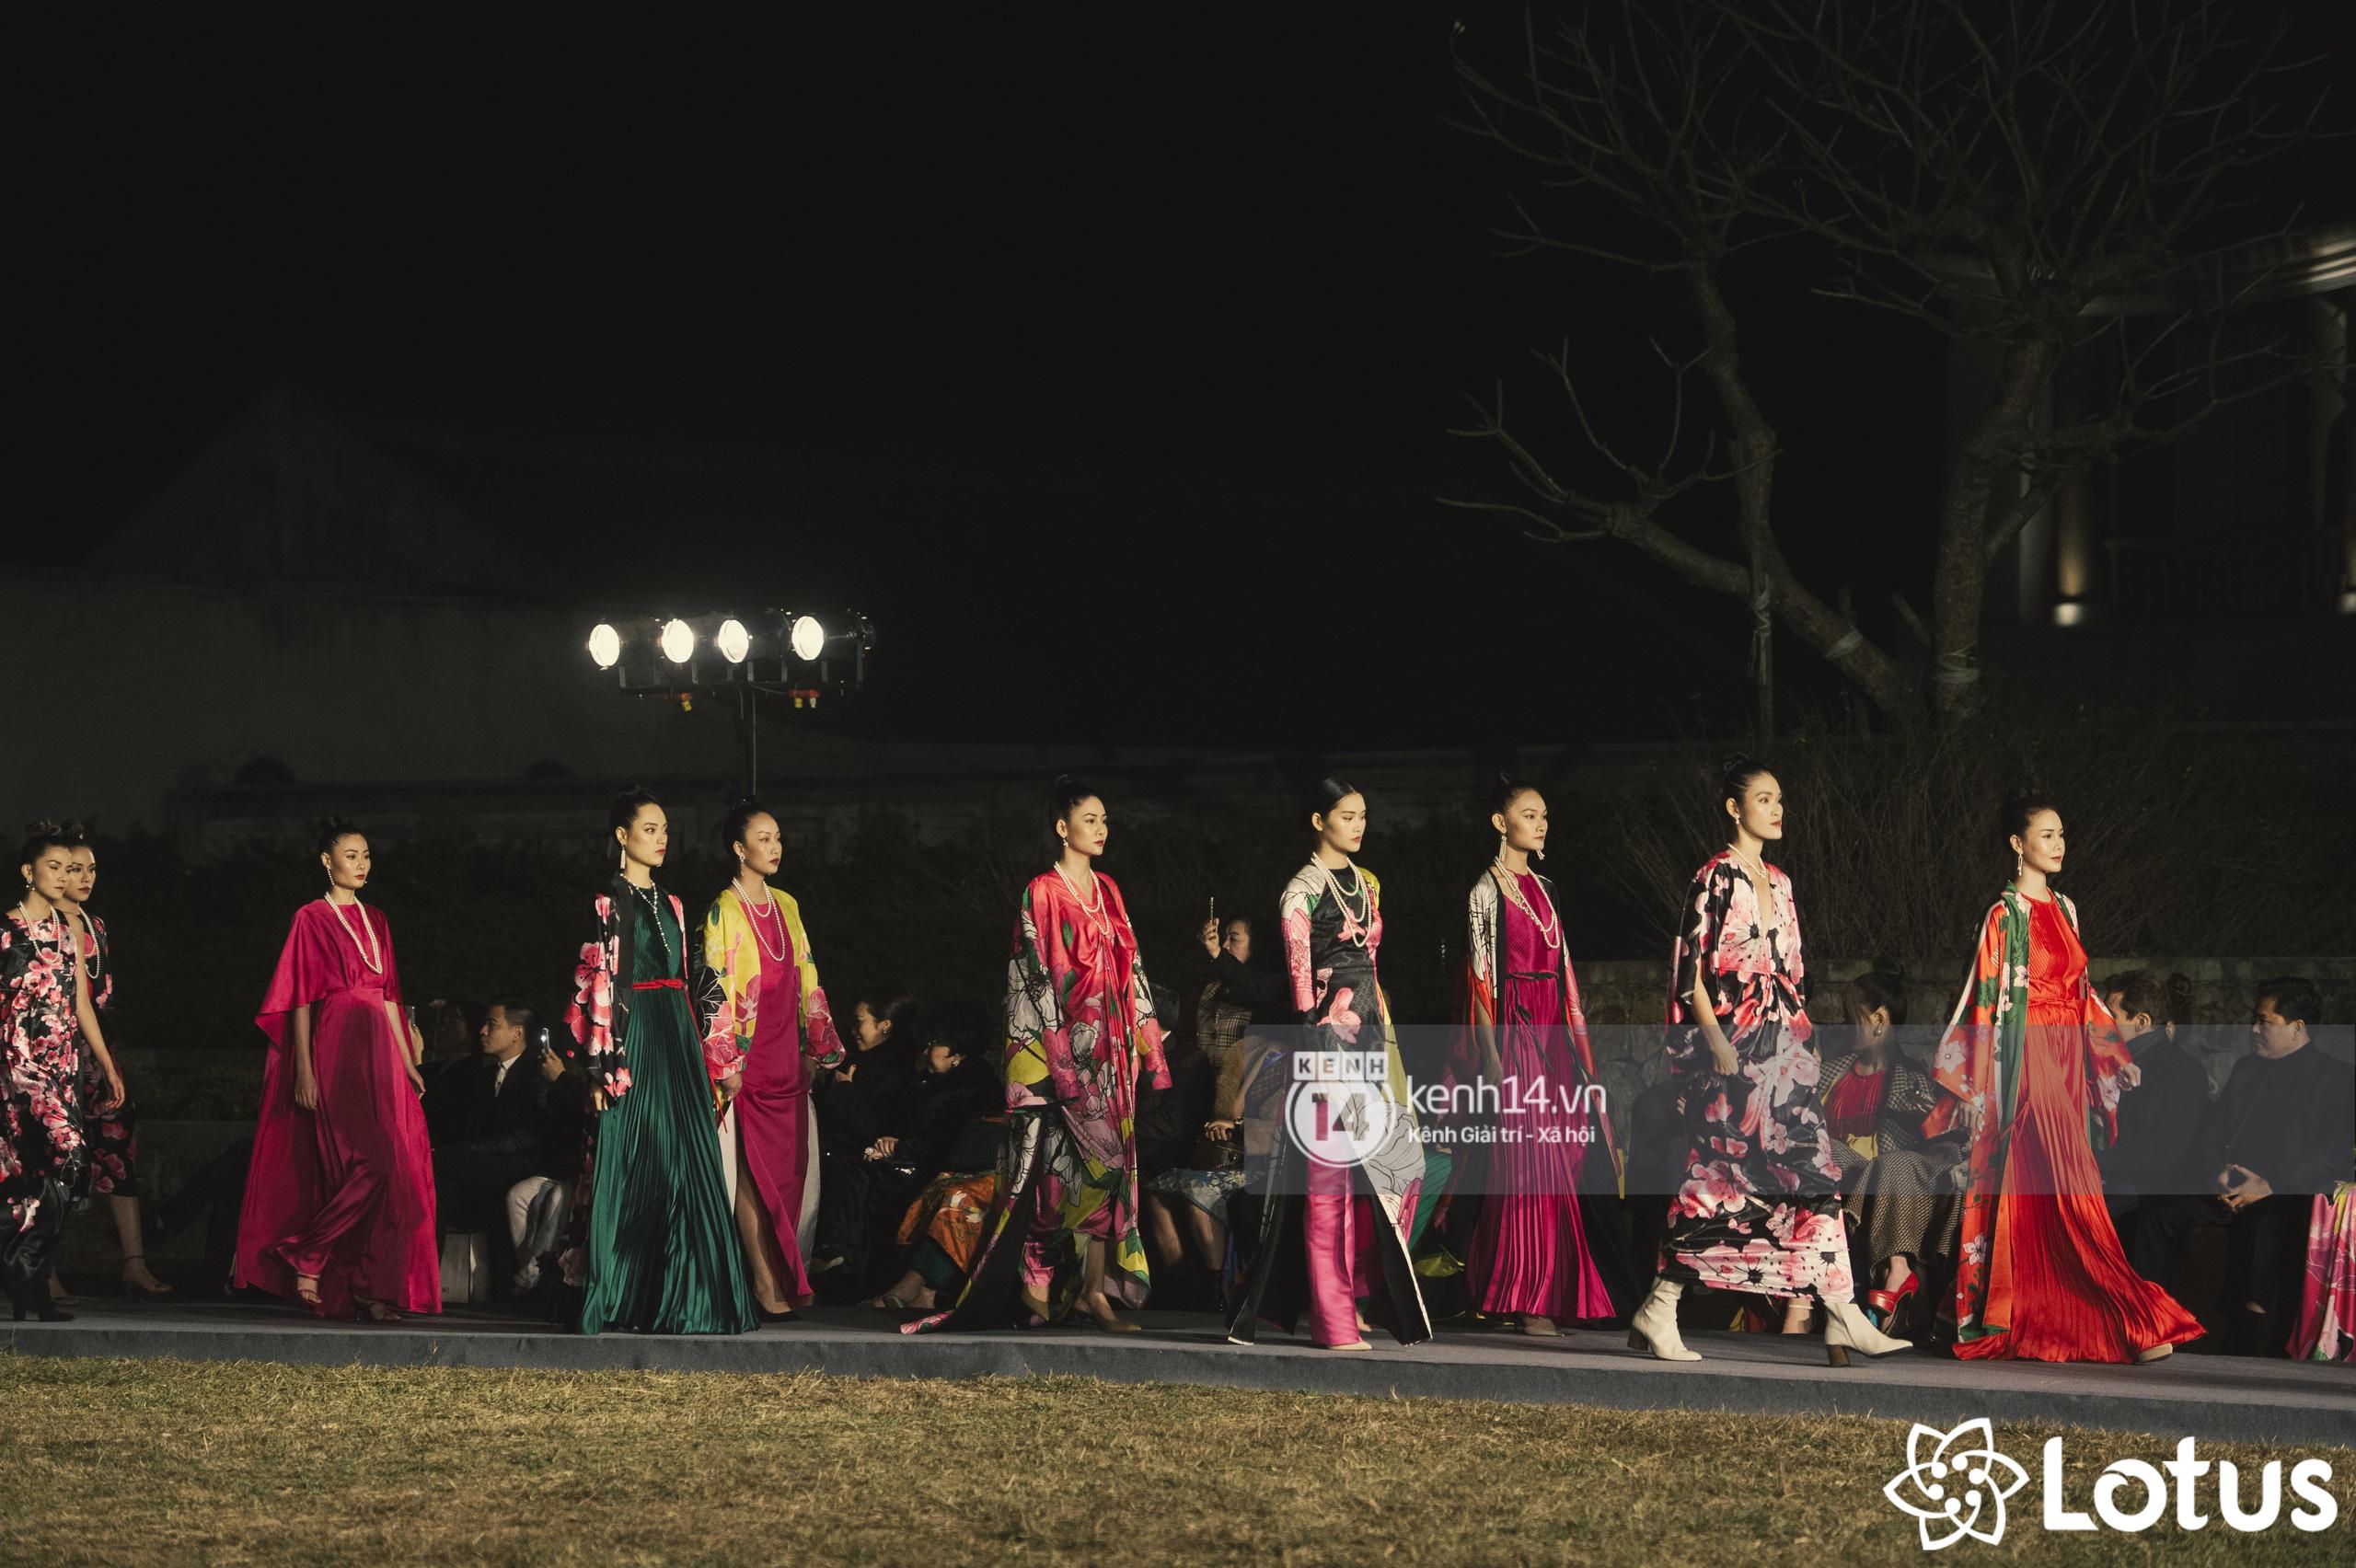 Lương Thuỳ Linh - Đỗ Hà nổi bần bật trong vị trí first face, Thanh Hằng bùng nổ với khí chất nữ thần tại show Đào của NTK Adrian Anh Tuấn - Ảnh 20.